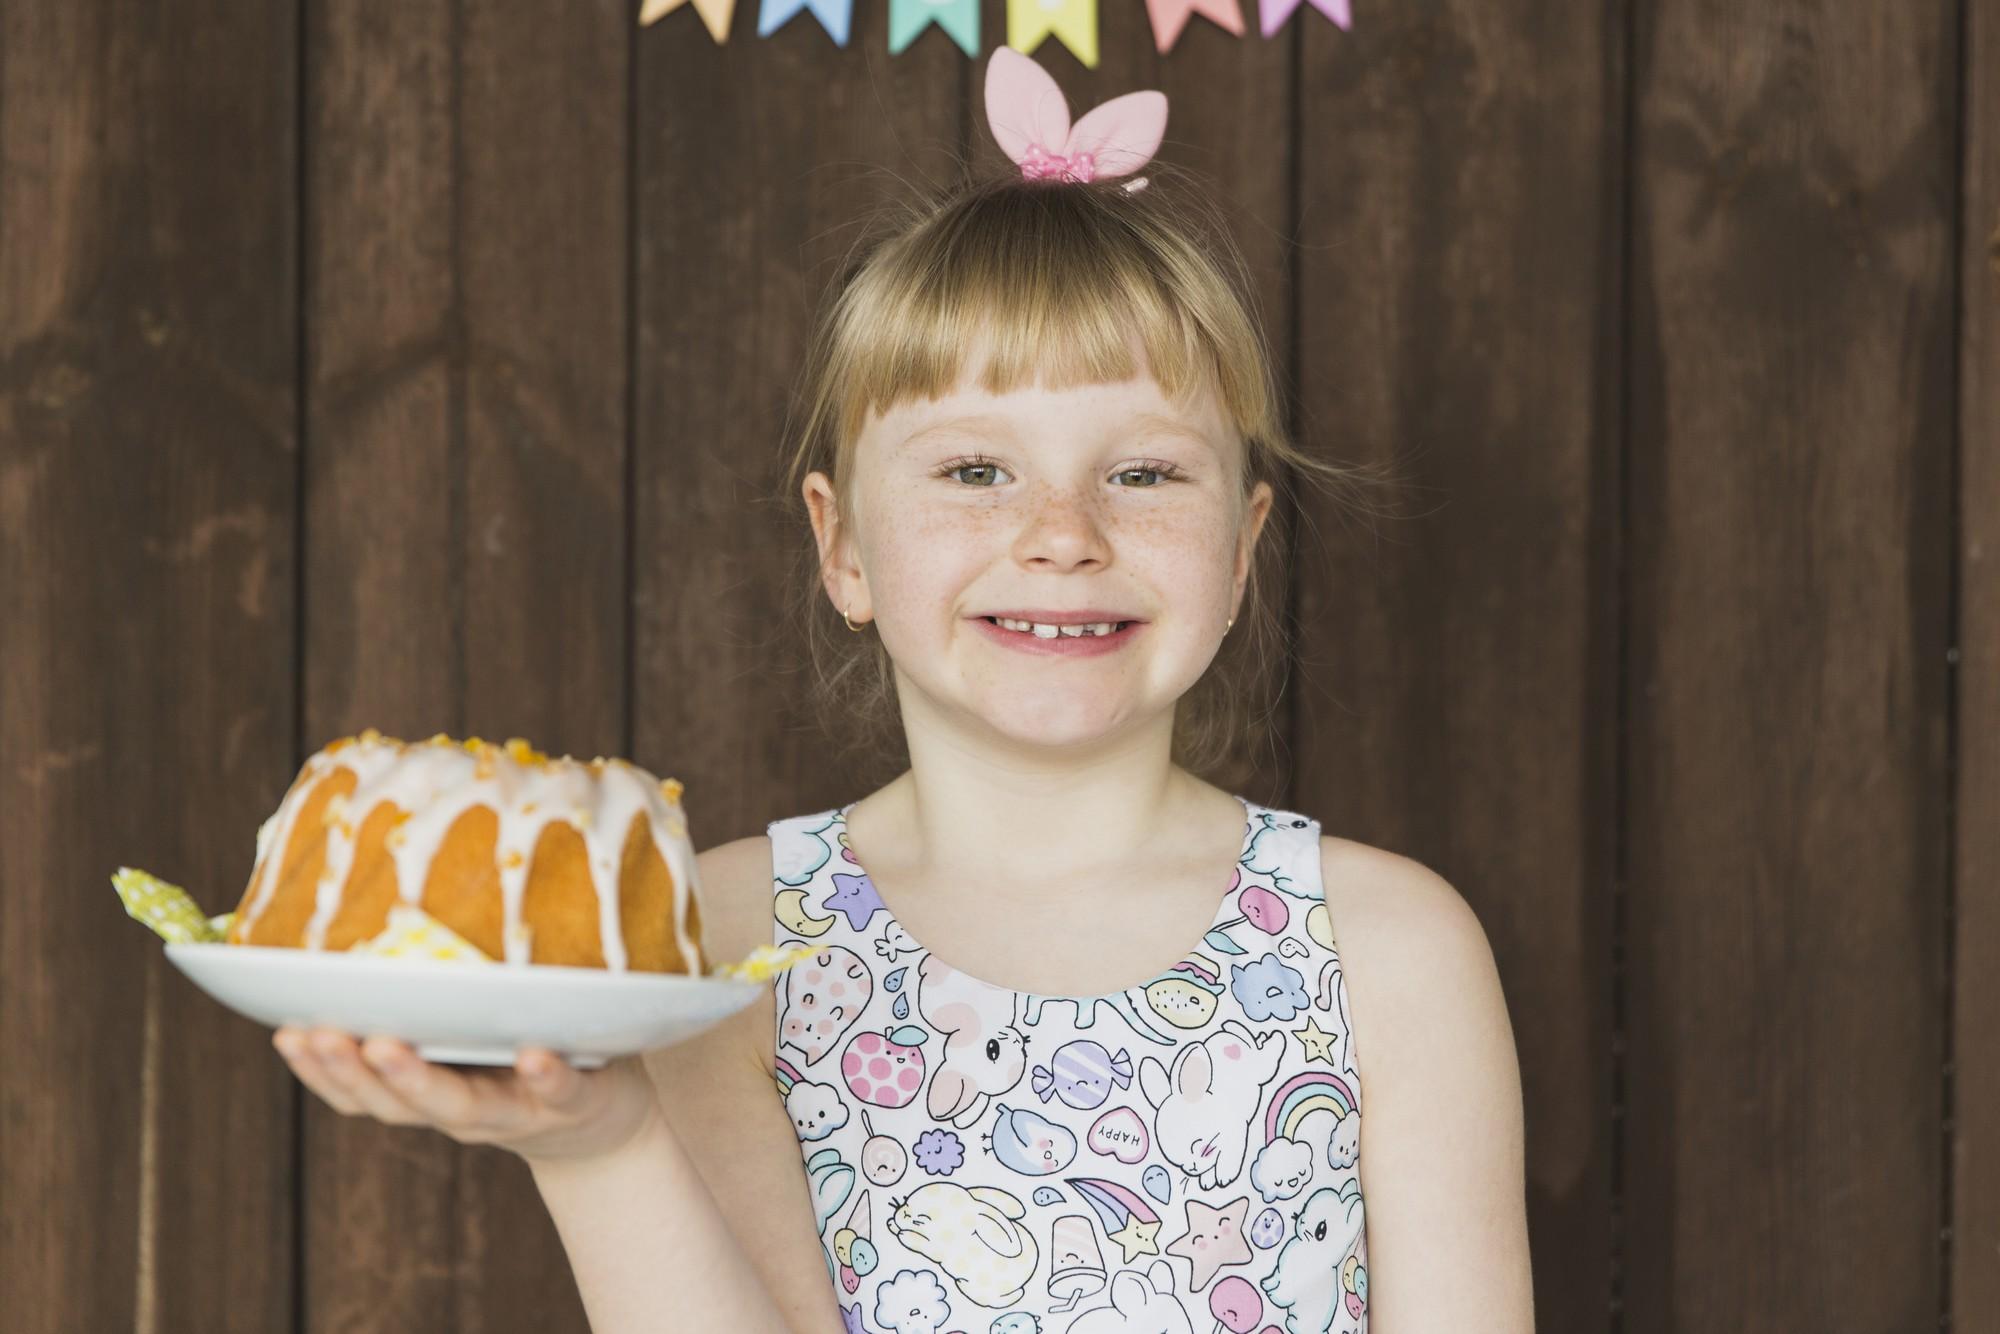 Criança segurando bolo feito com a mãe